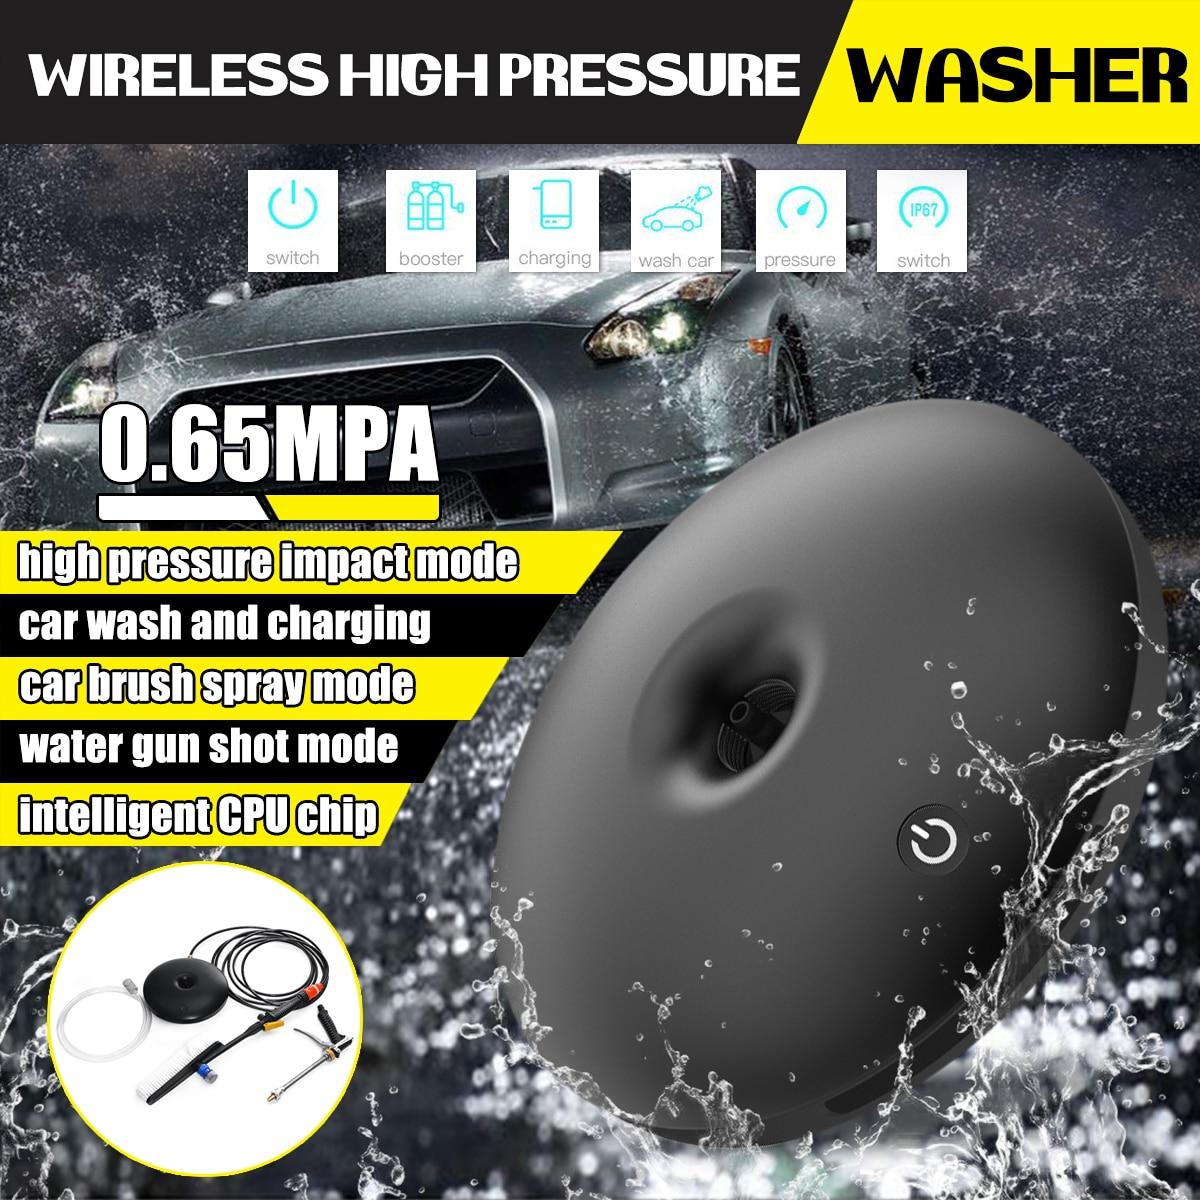 [해외]High Pressure Wireless Car Washer Water Guns Power Washing Machine USB Mobile Power Bank Car Washing Accessories Cleaning Tools/High Pressure Wire